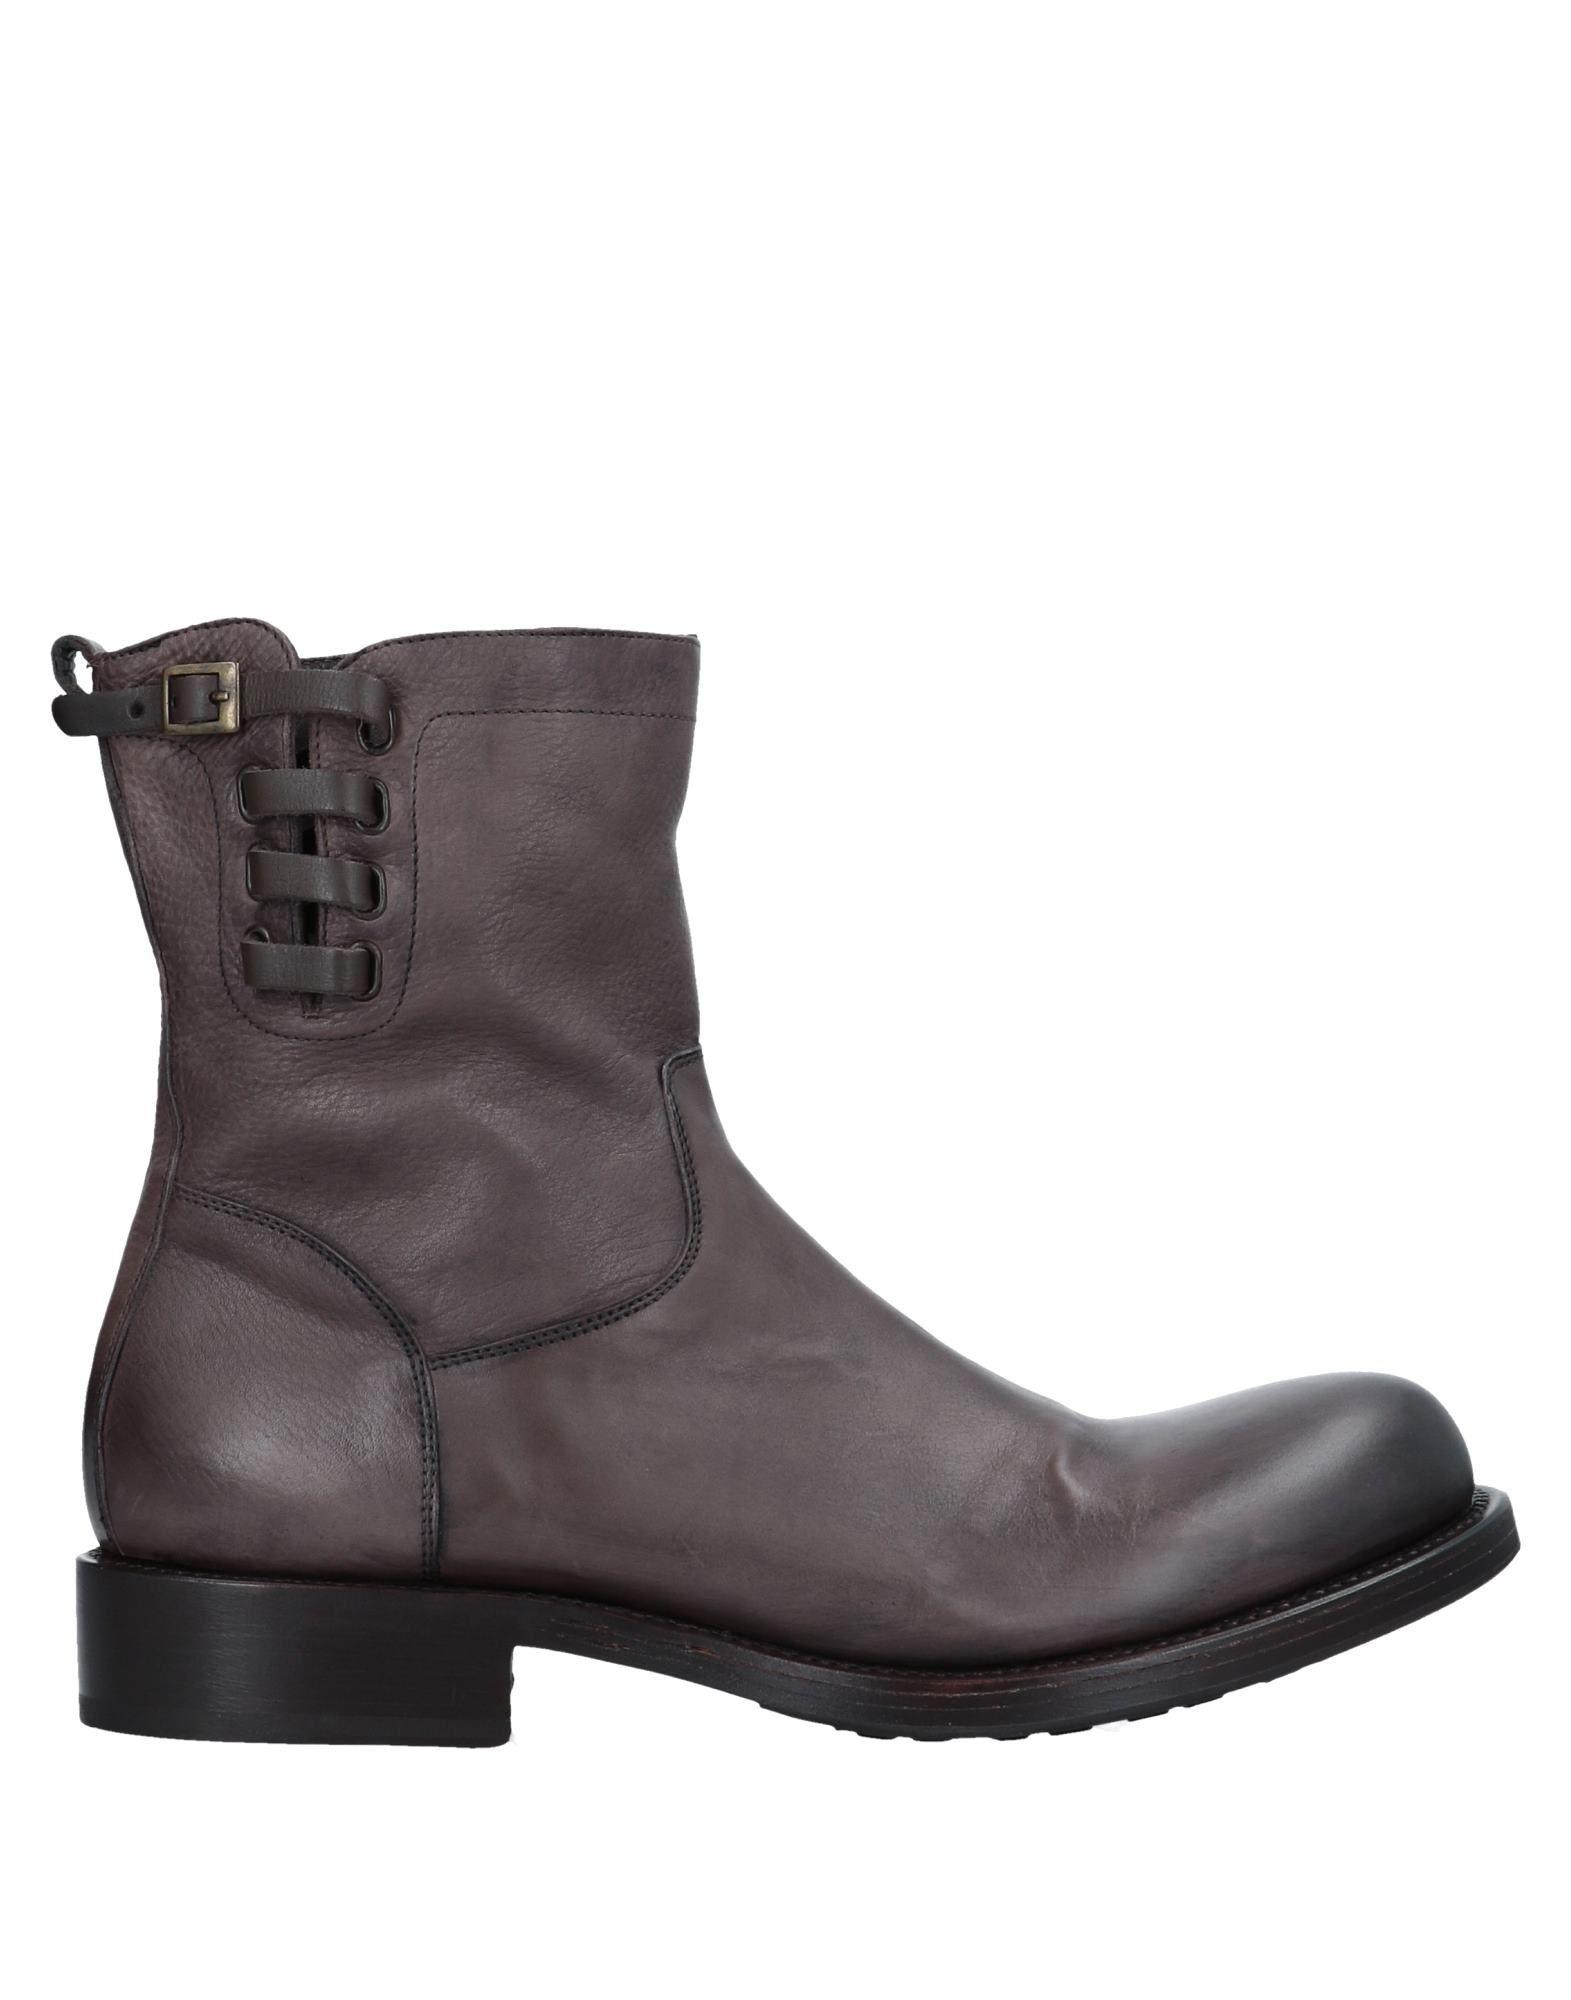 Raparo Stiefelette Herren  11536937AV Gute Qualität beliebte Schuhe